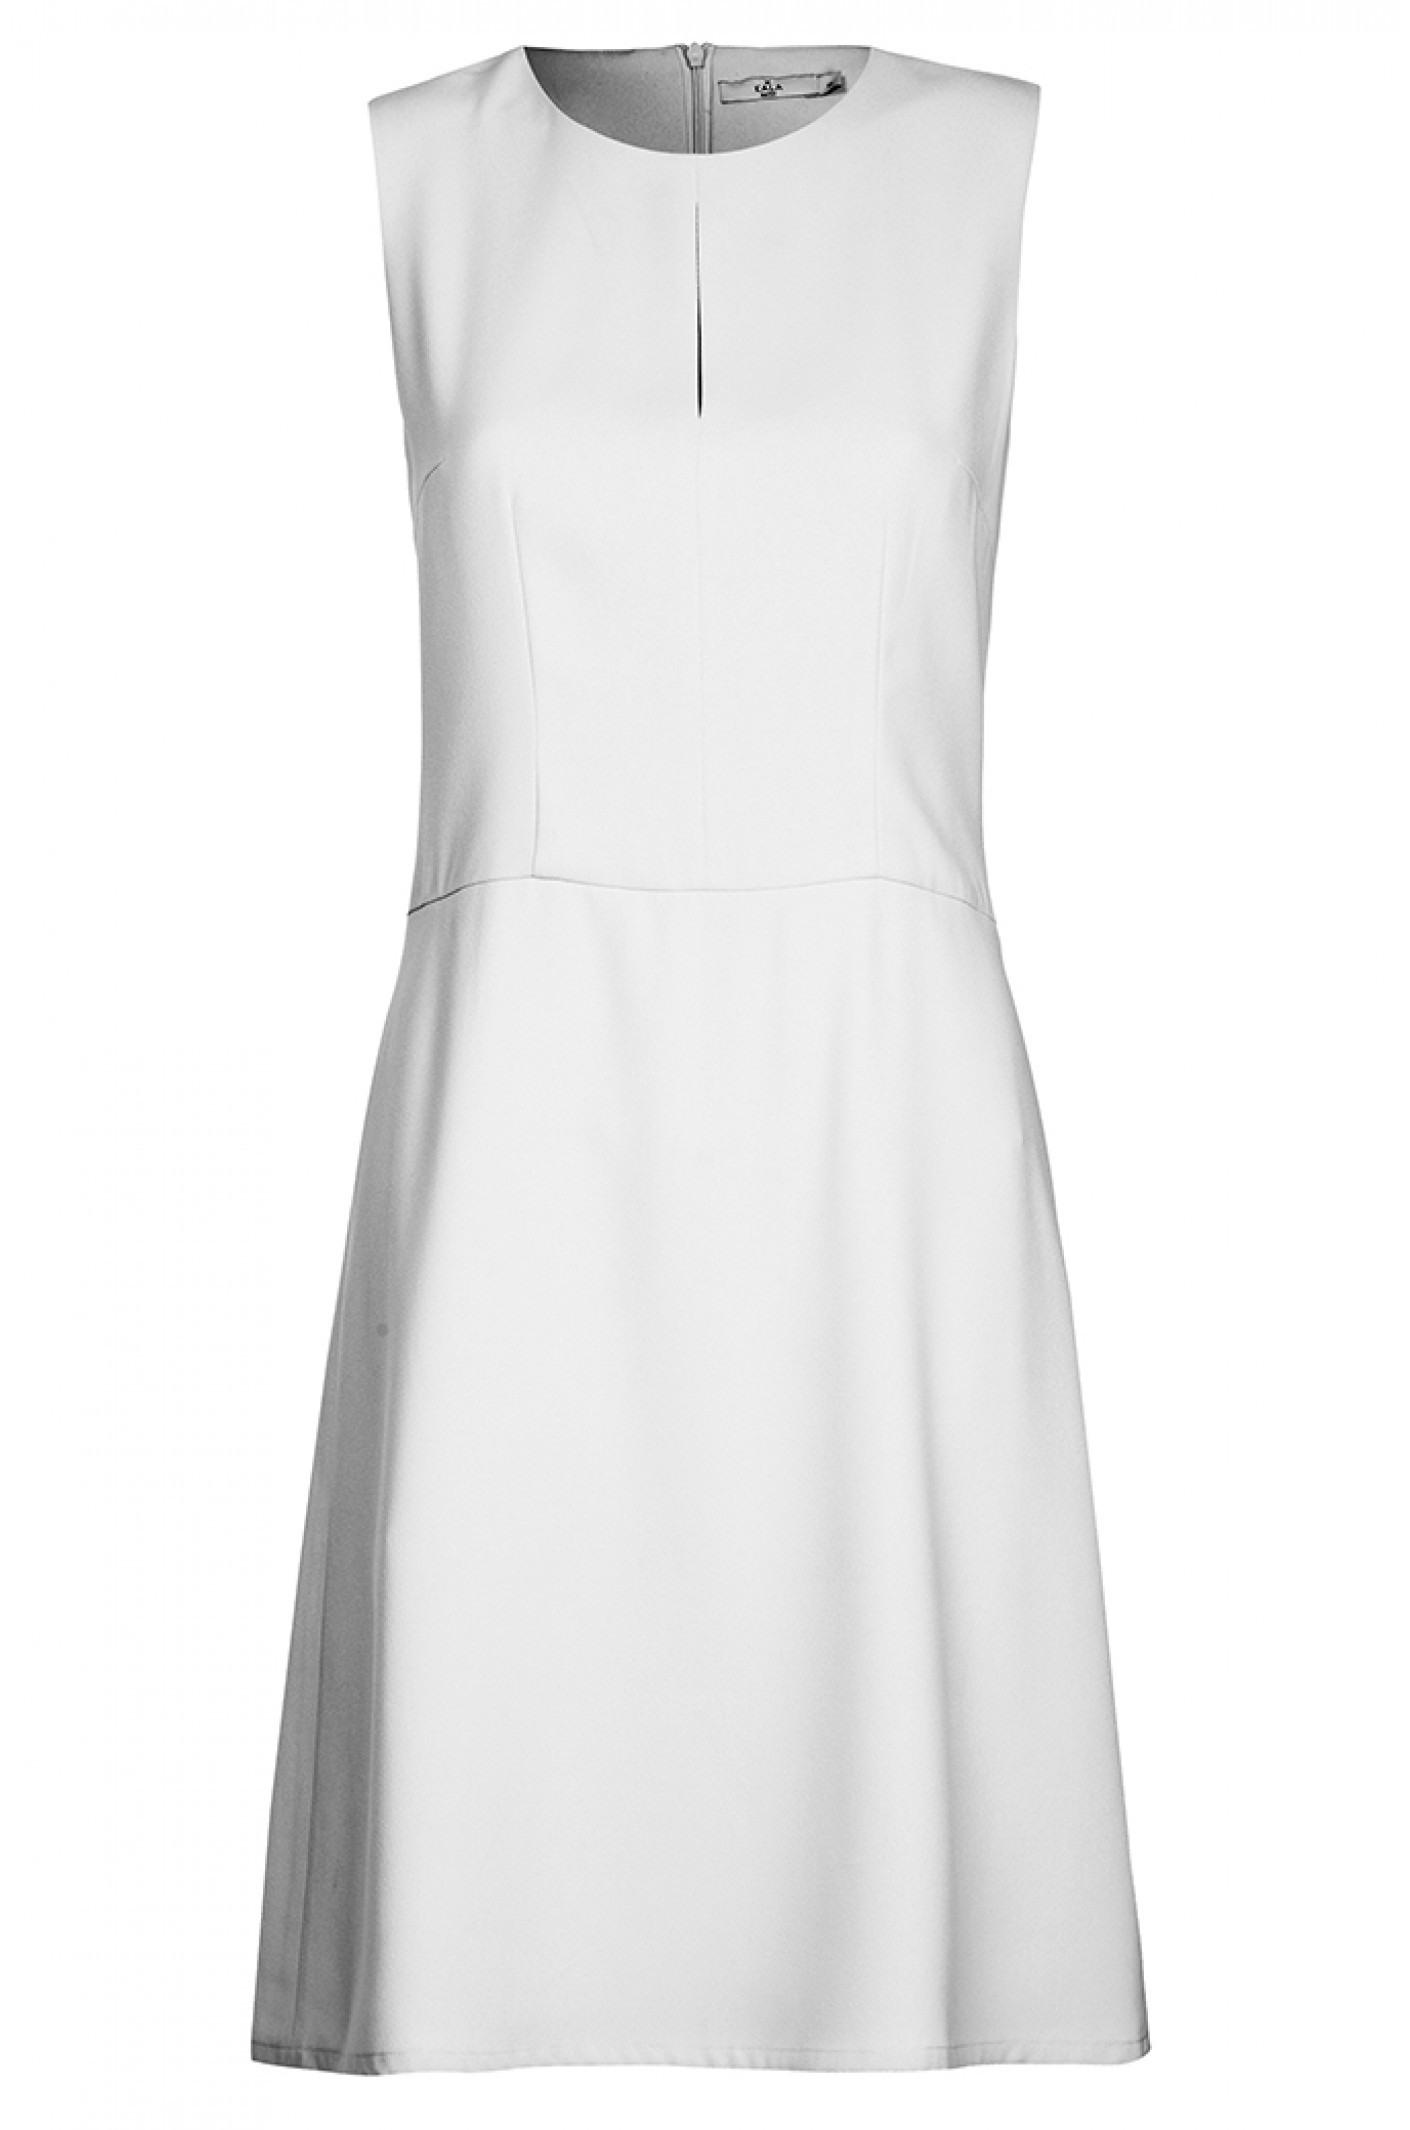 10 Schön Kleid Weiß Design13 Einfach Kleid Weiß Ärmel